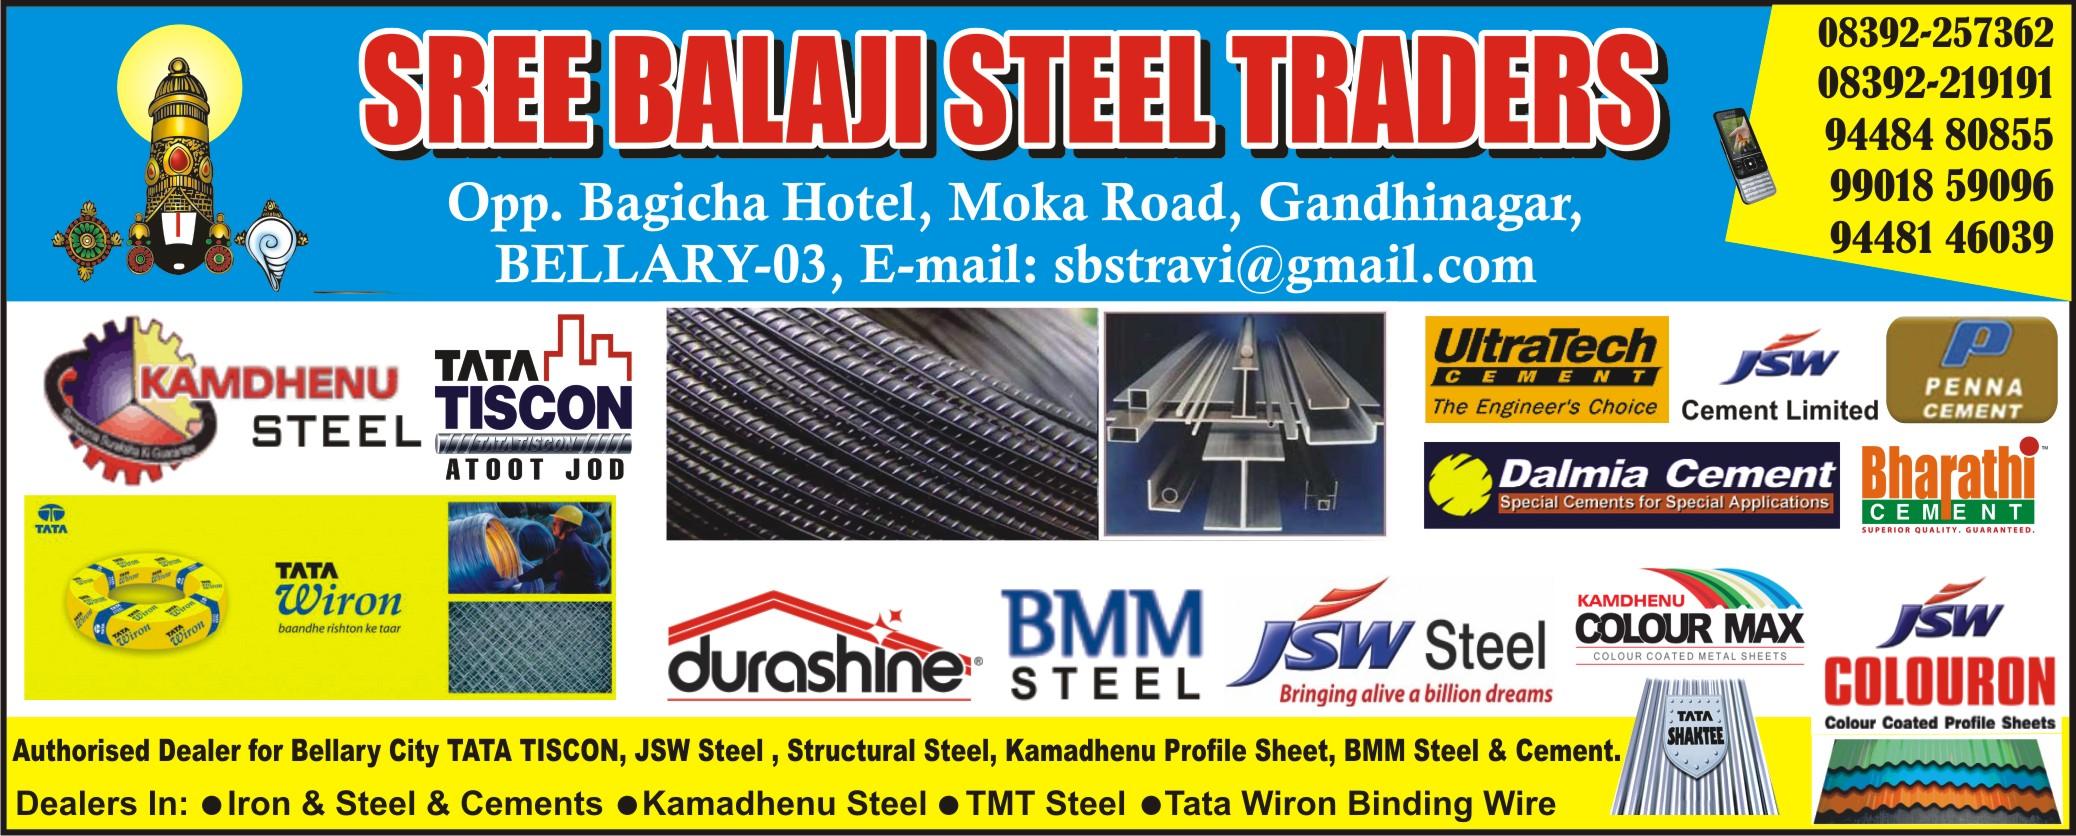 Sree Balaji Steel Traders